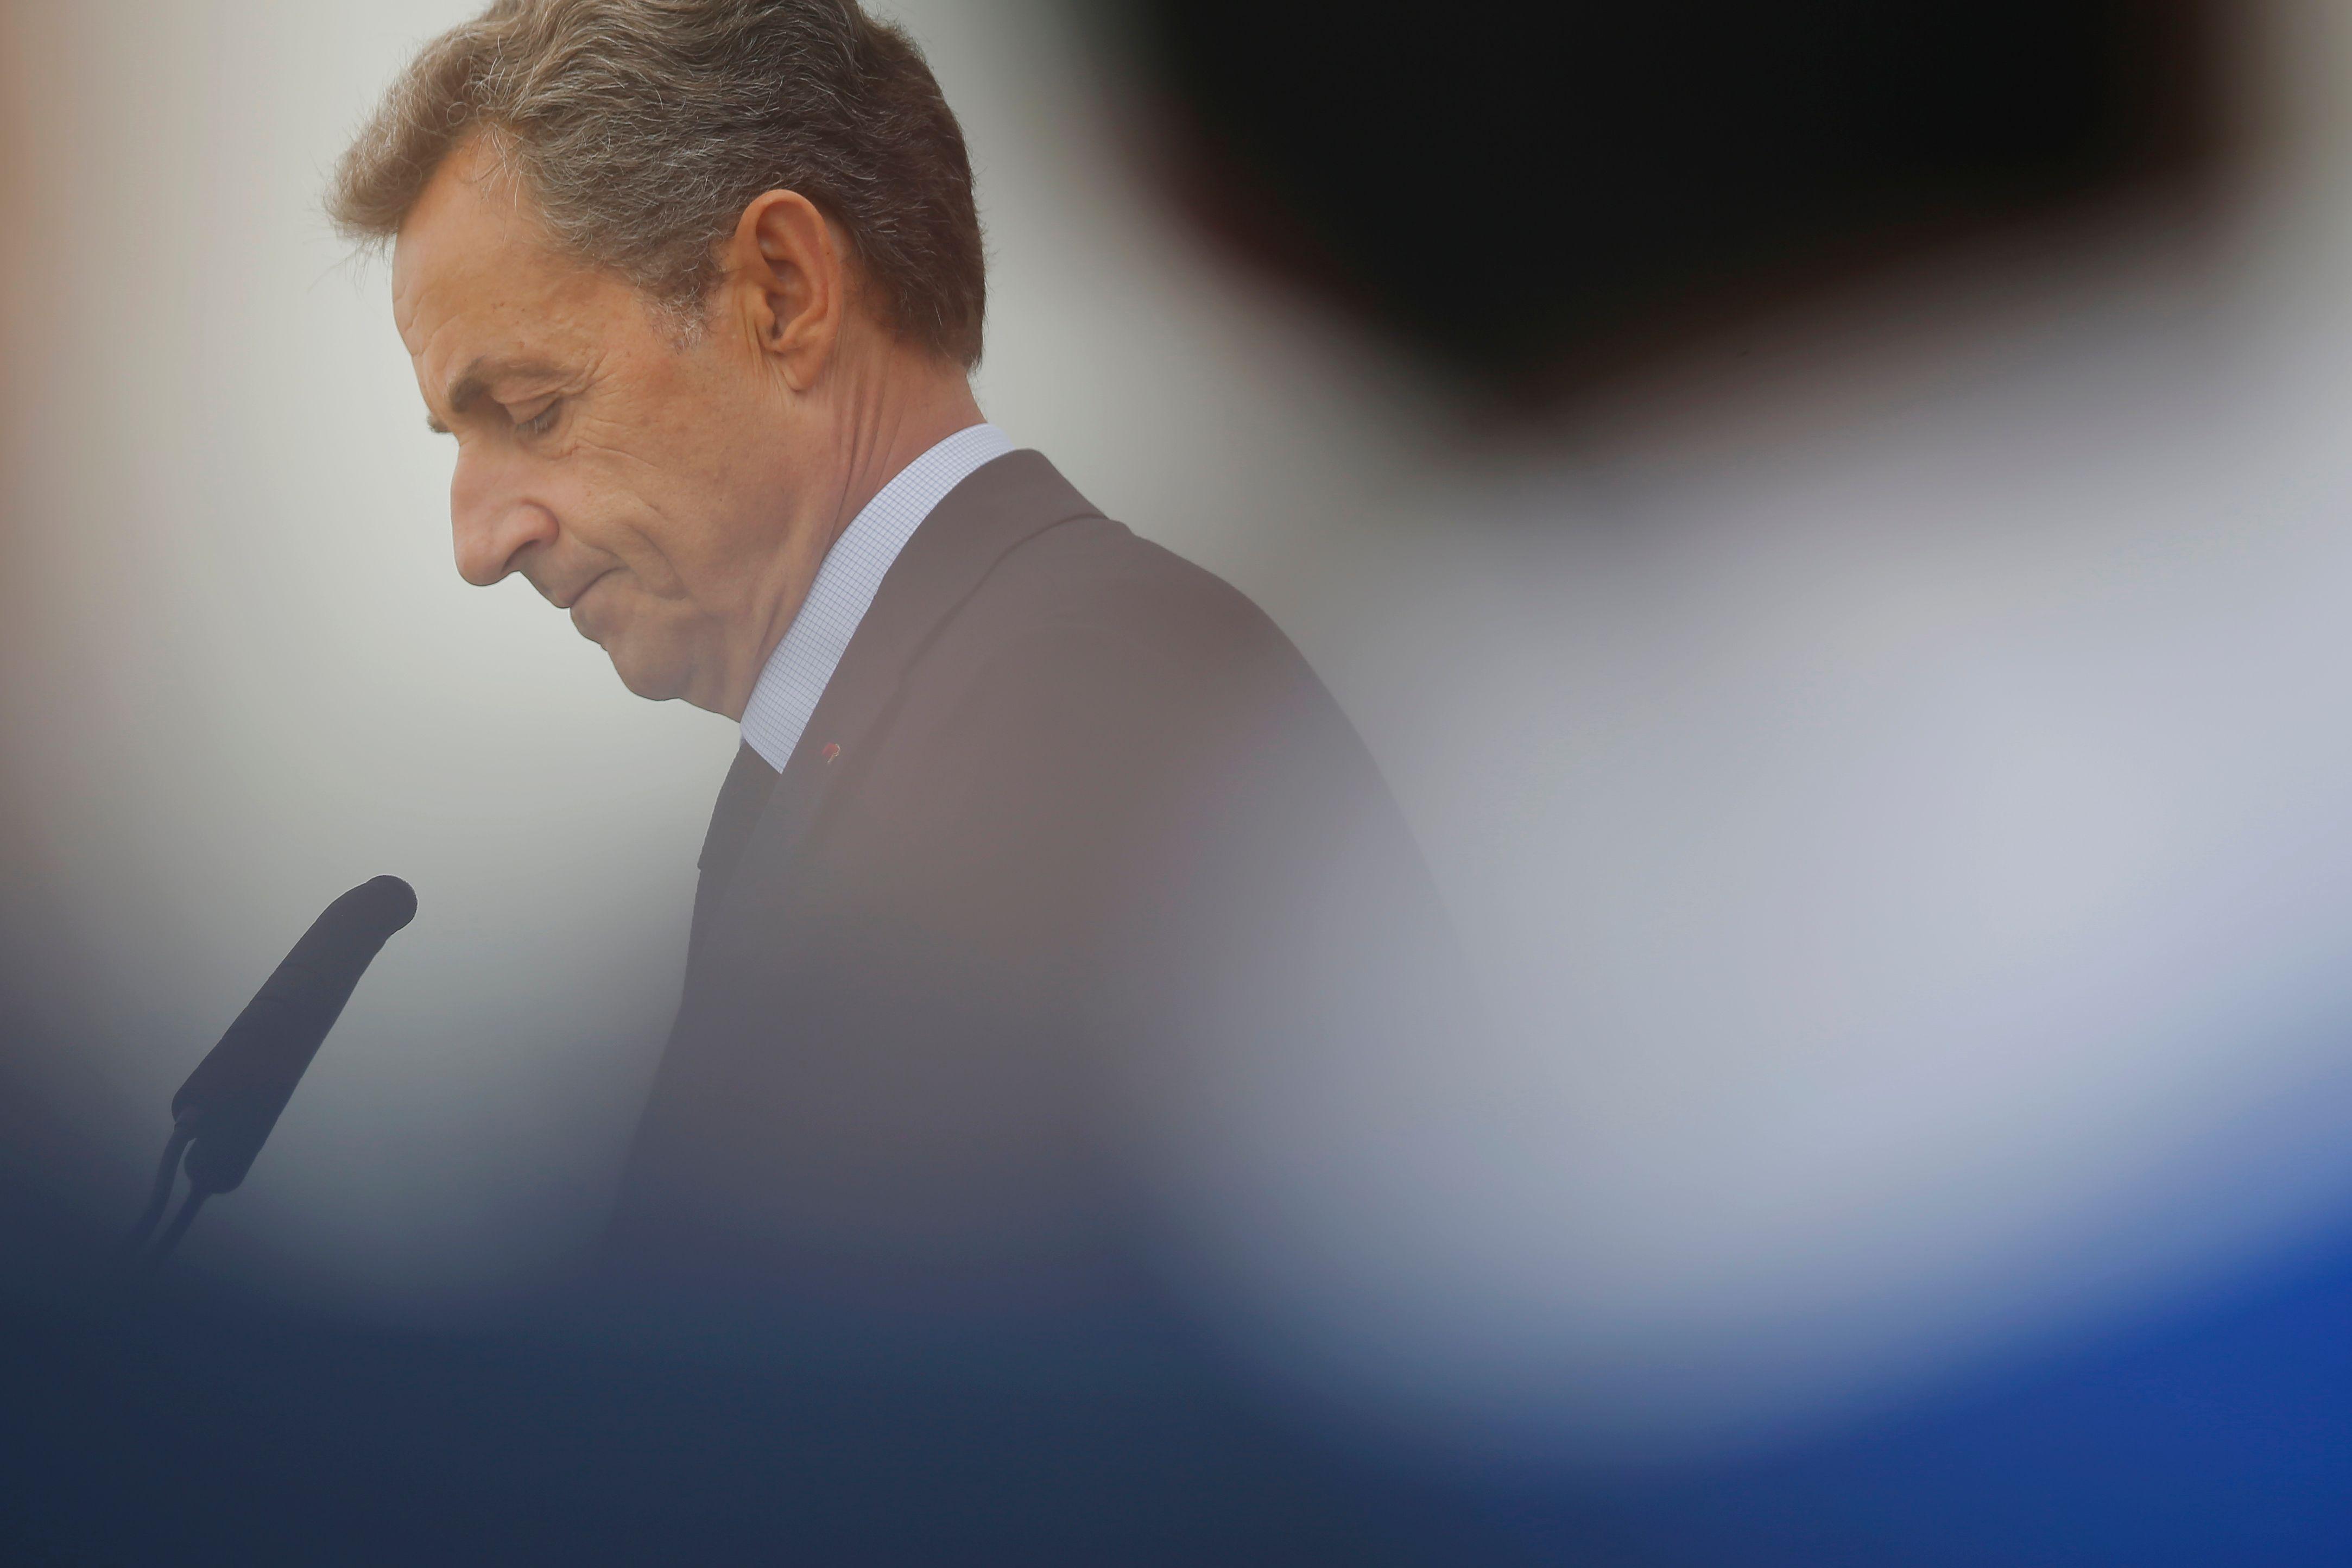 Guerre en Libye : un rapport parlementaire britannique accable Sarkozy